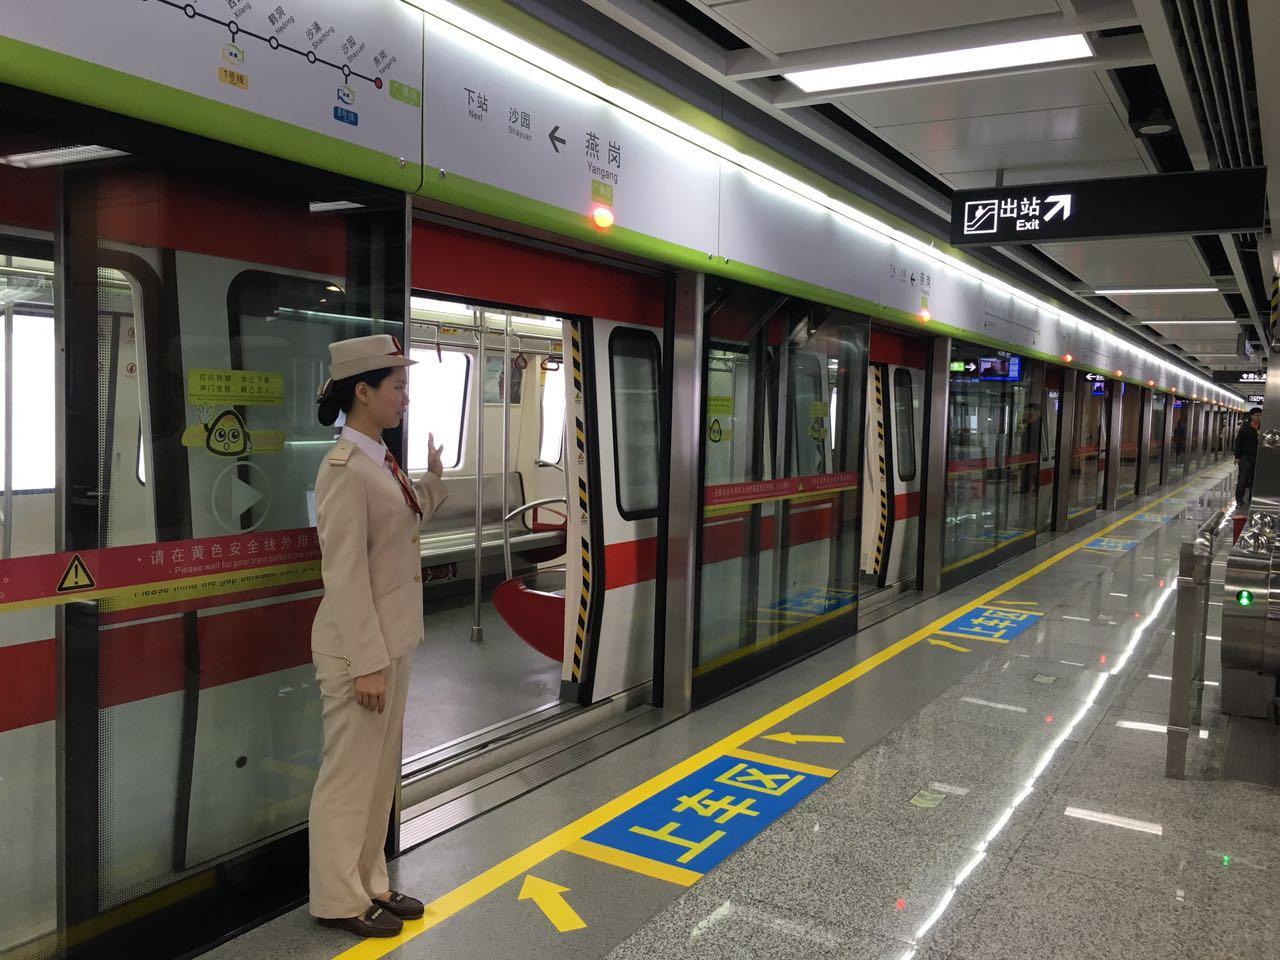 广州地铁 全程为你--公司新闻